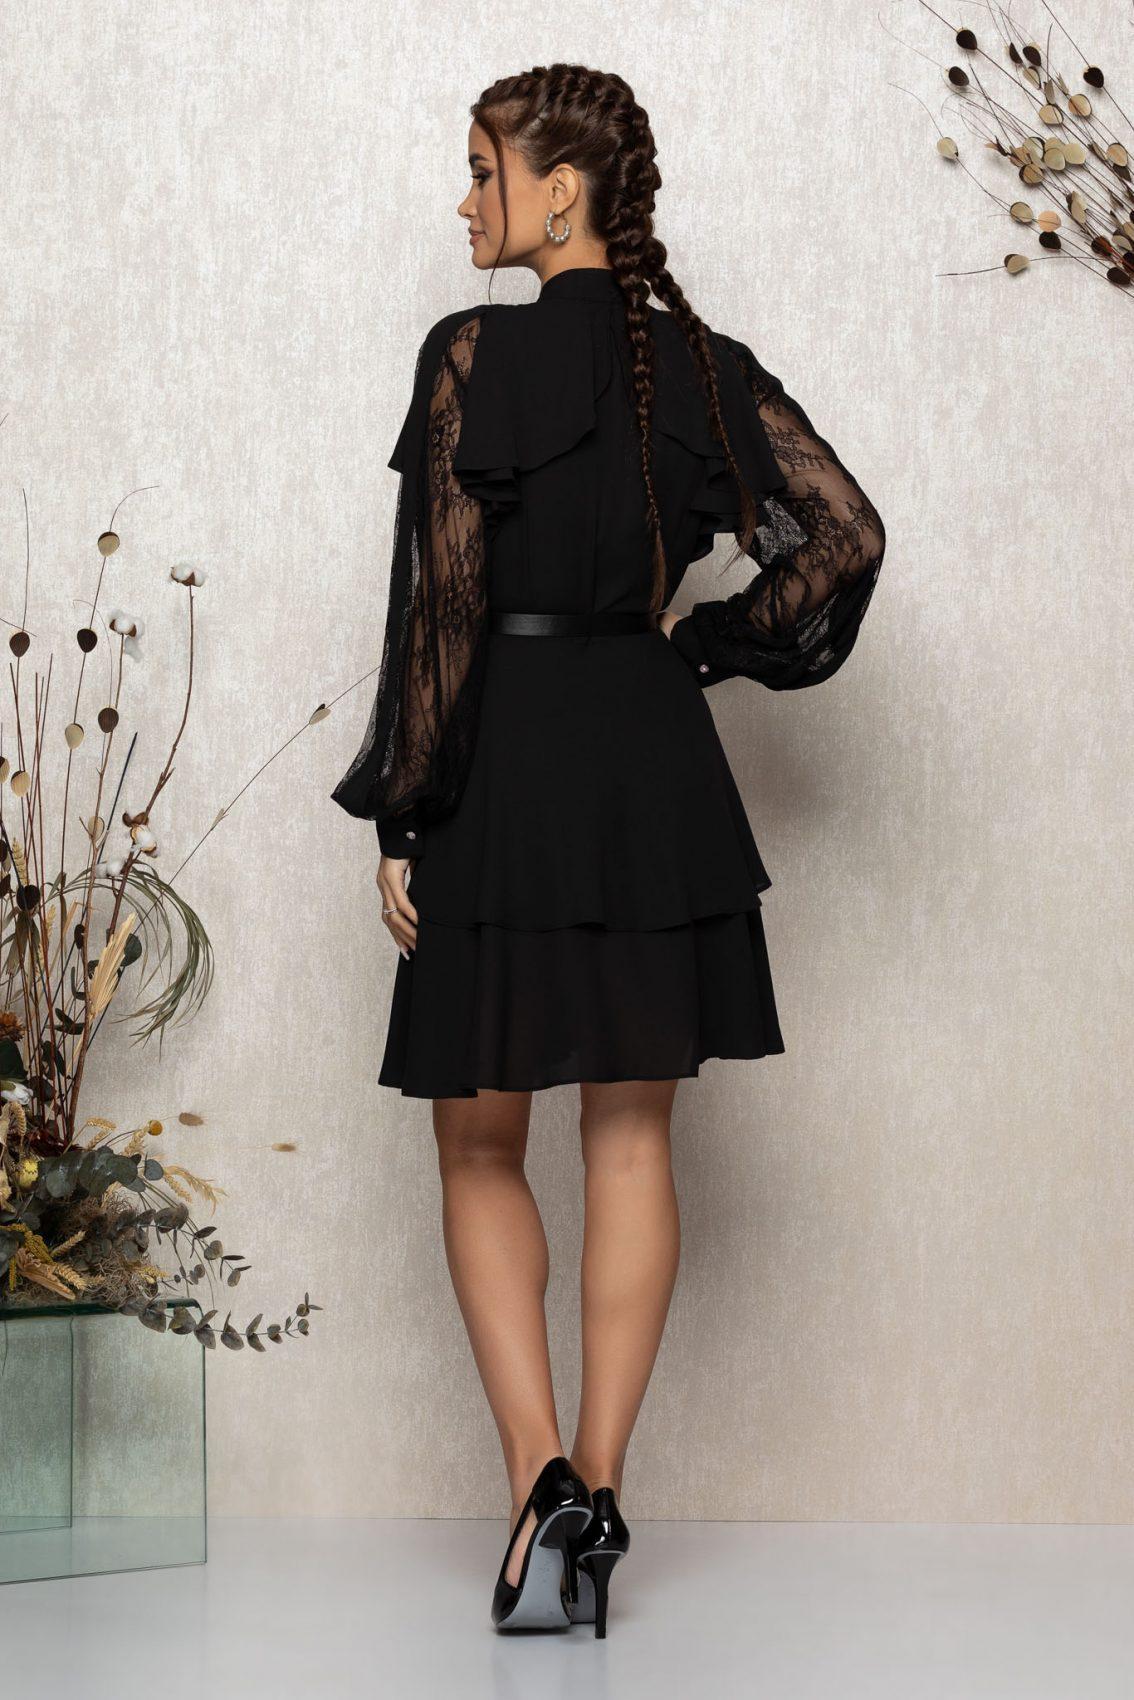 Μαύρο Βραδινό Φόρεμα Με Δαντέλα Senna T343 2